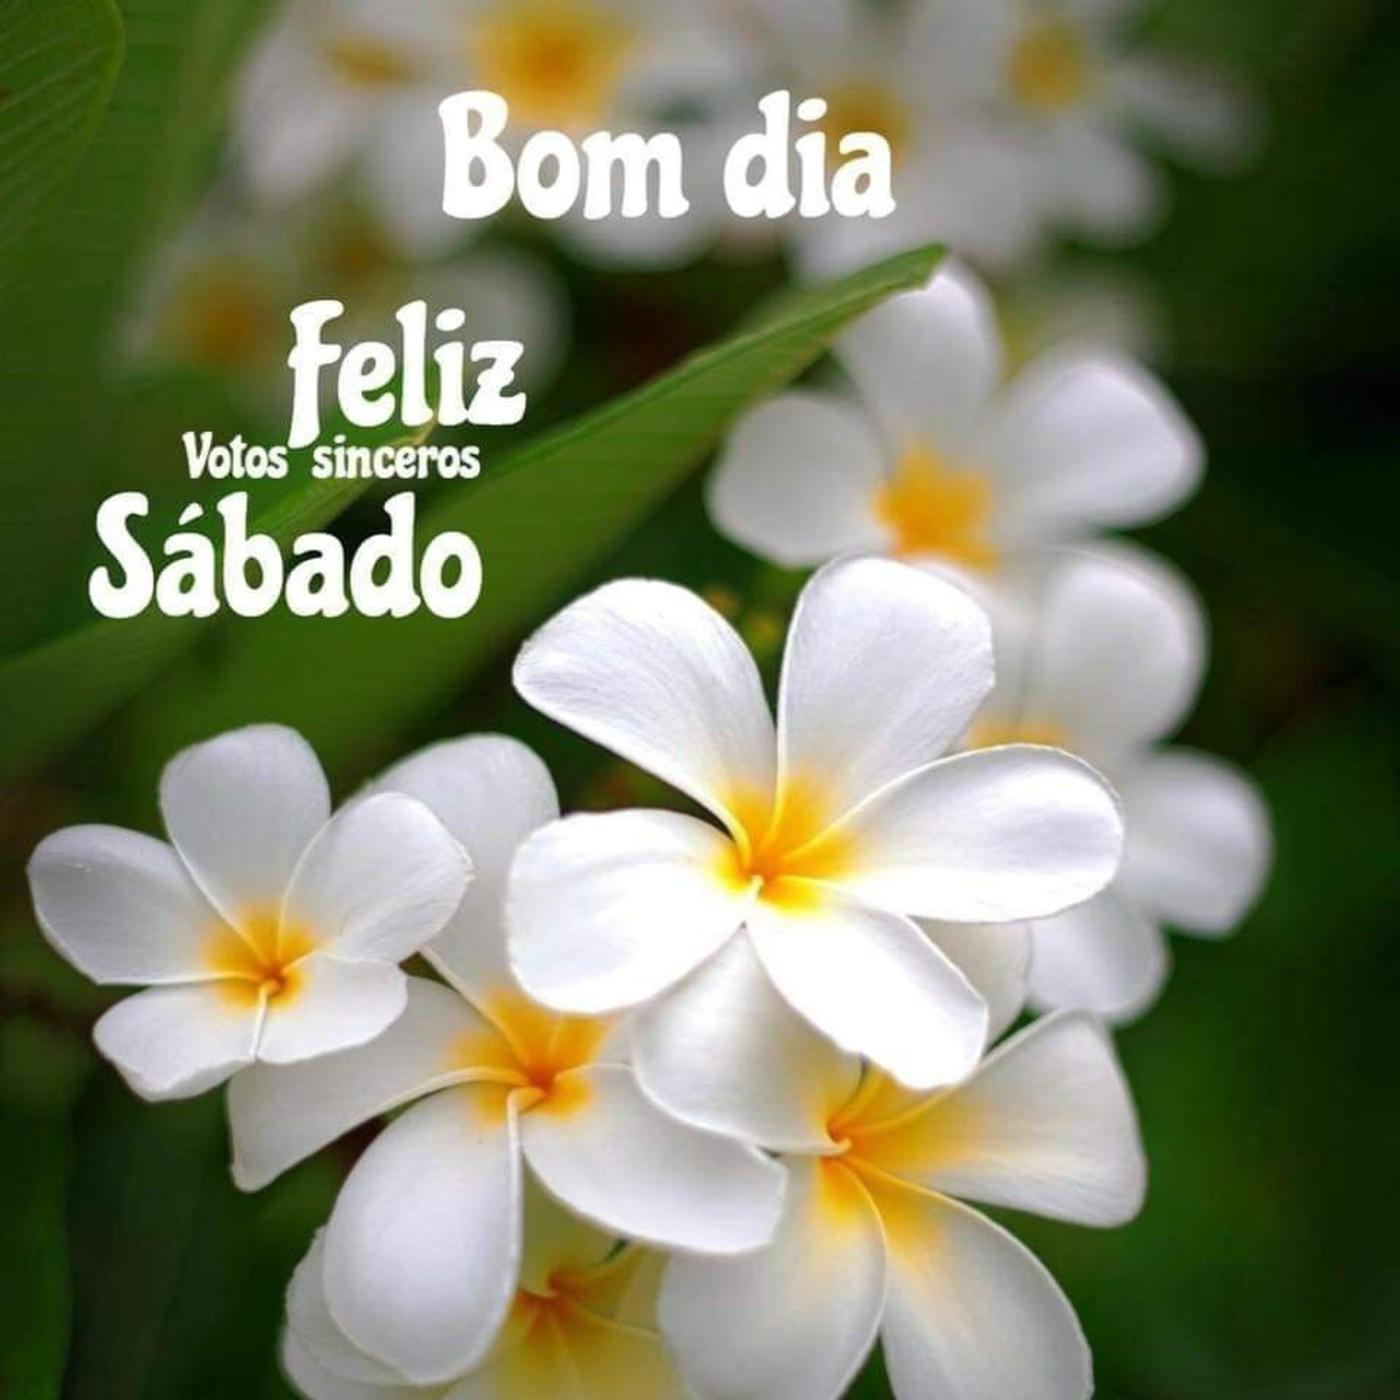 Imagens-bonitas-feliz-s%C3%A1bado-Whatsapp-148.jpg